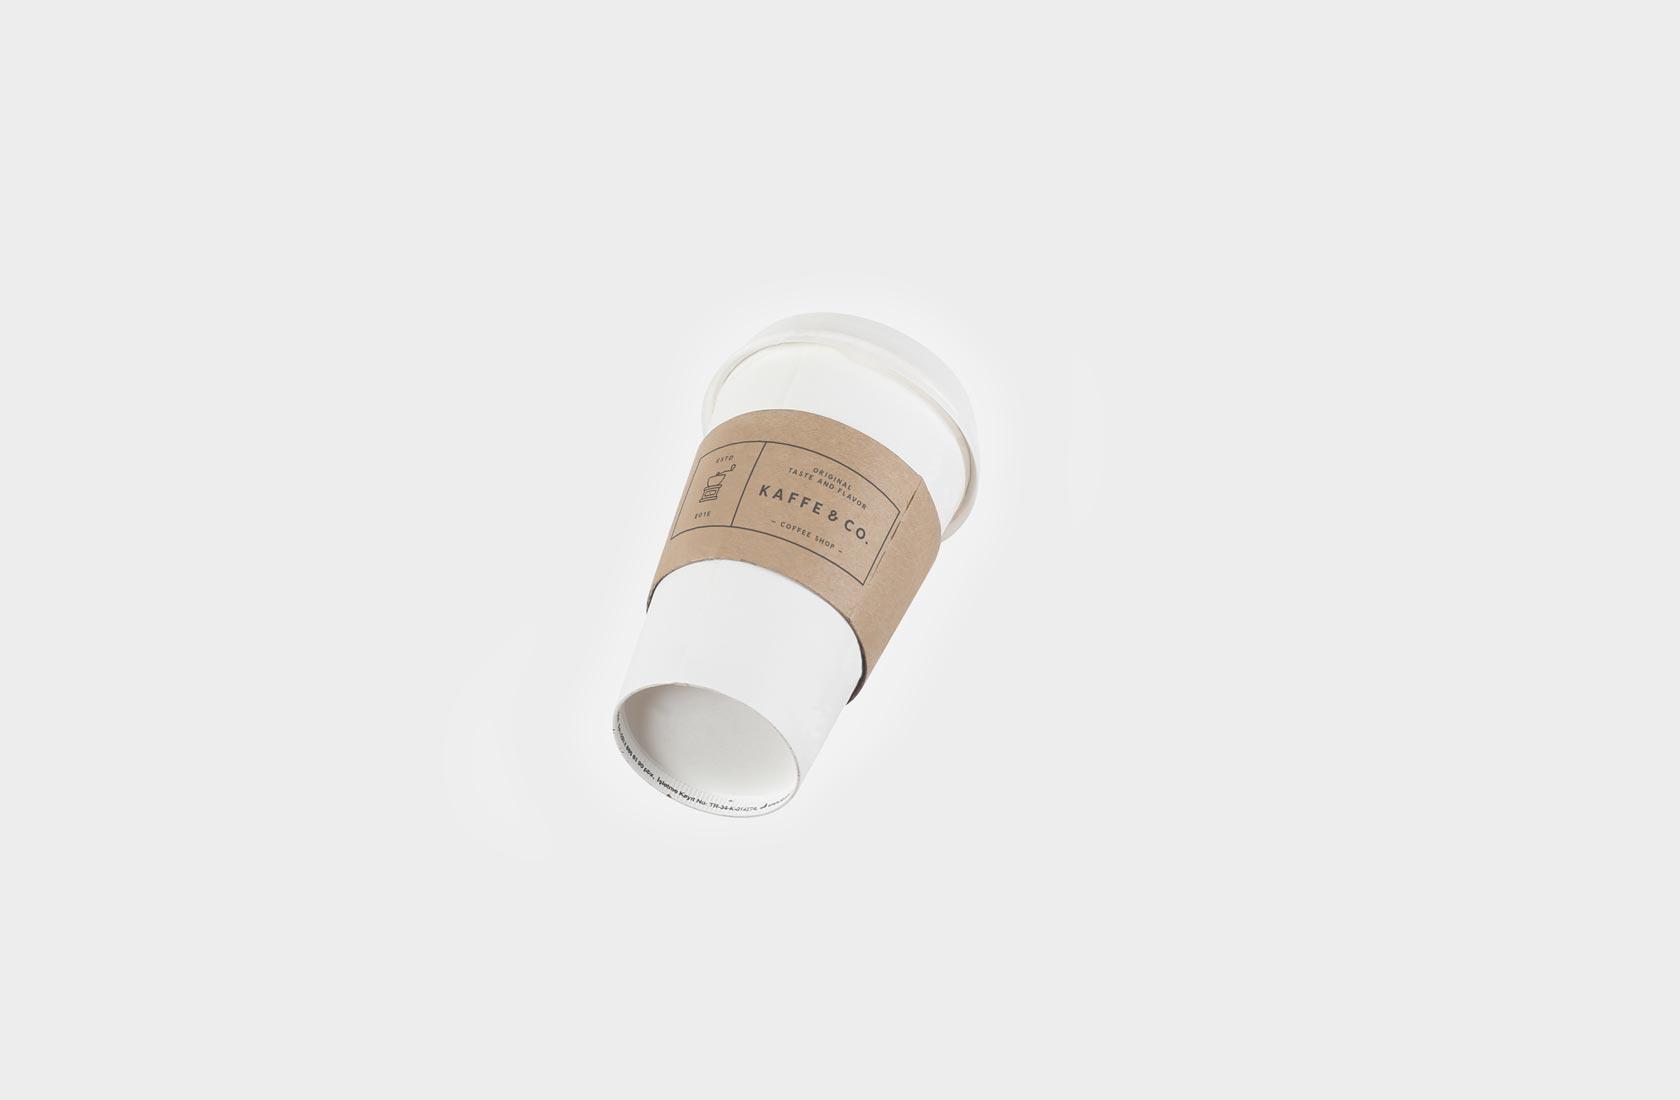 slider-kaffe-co